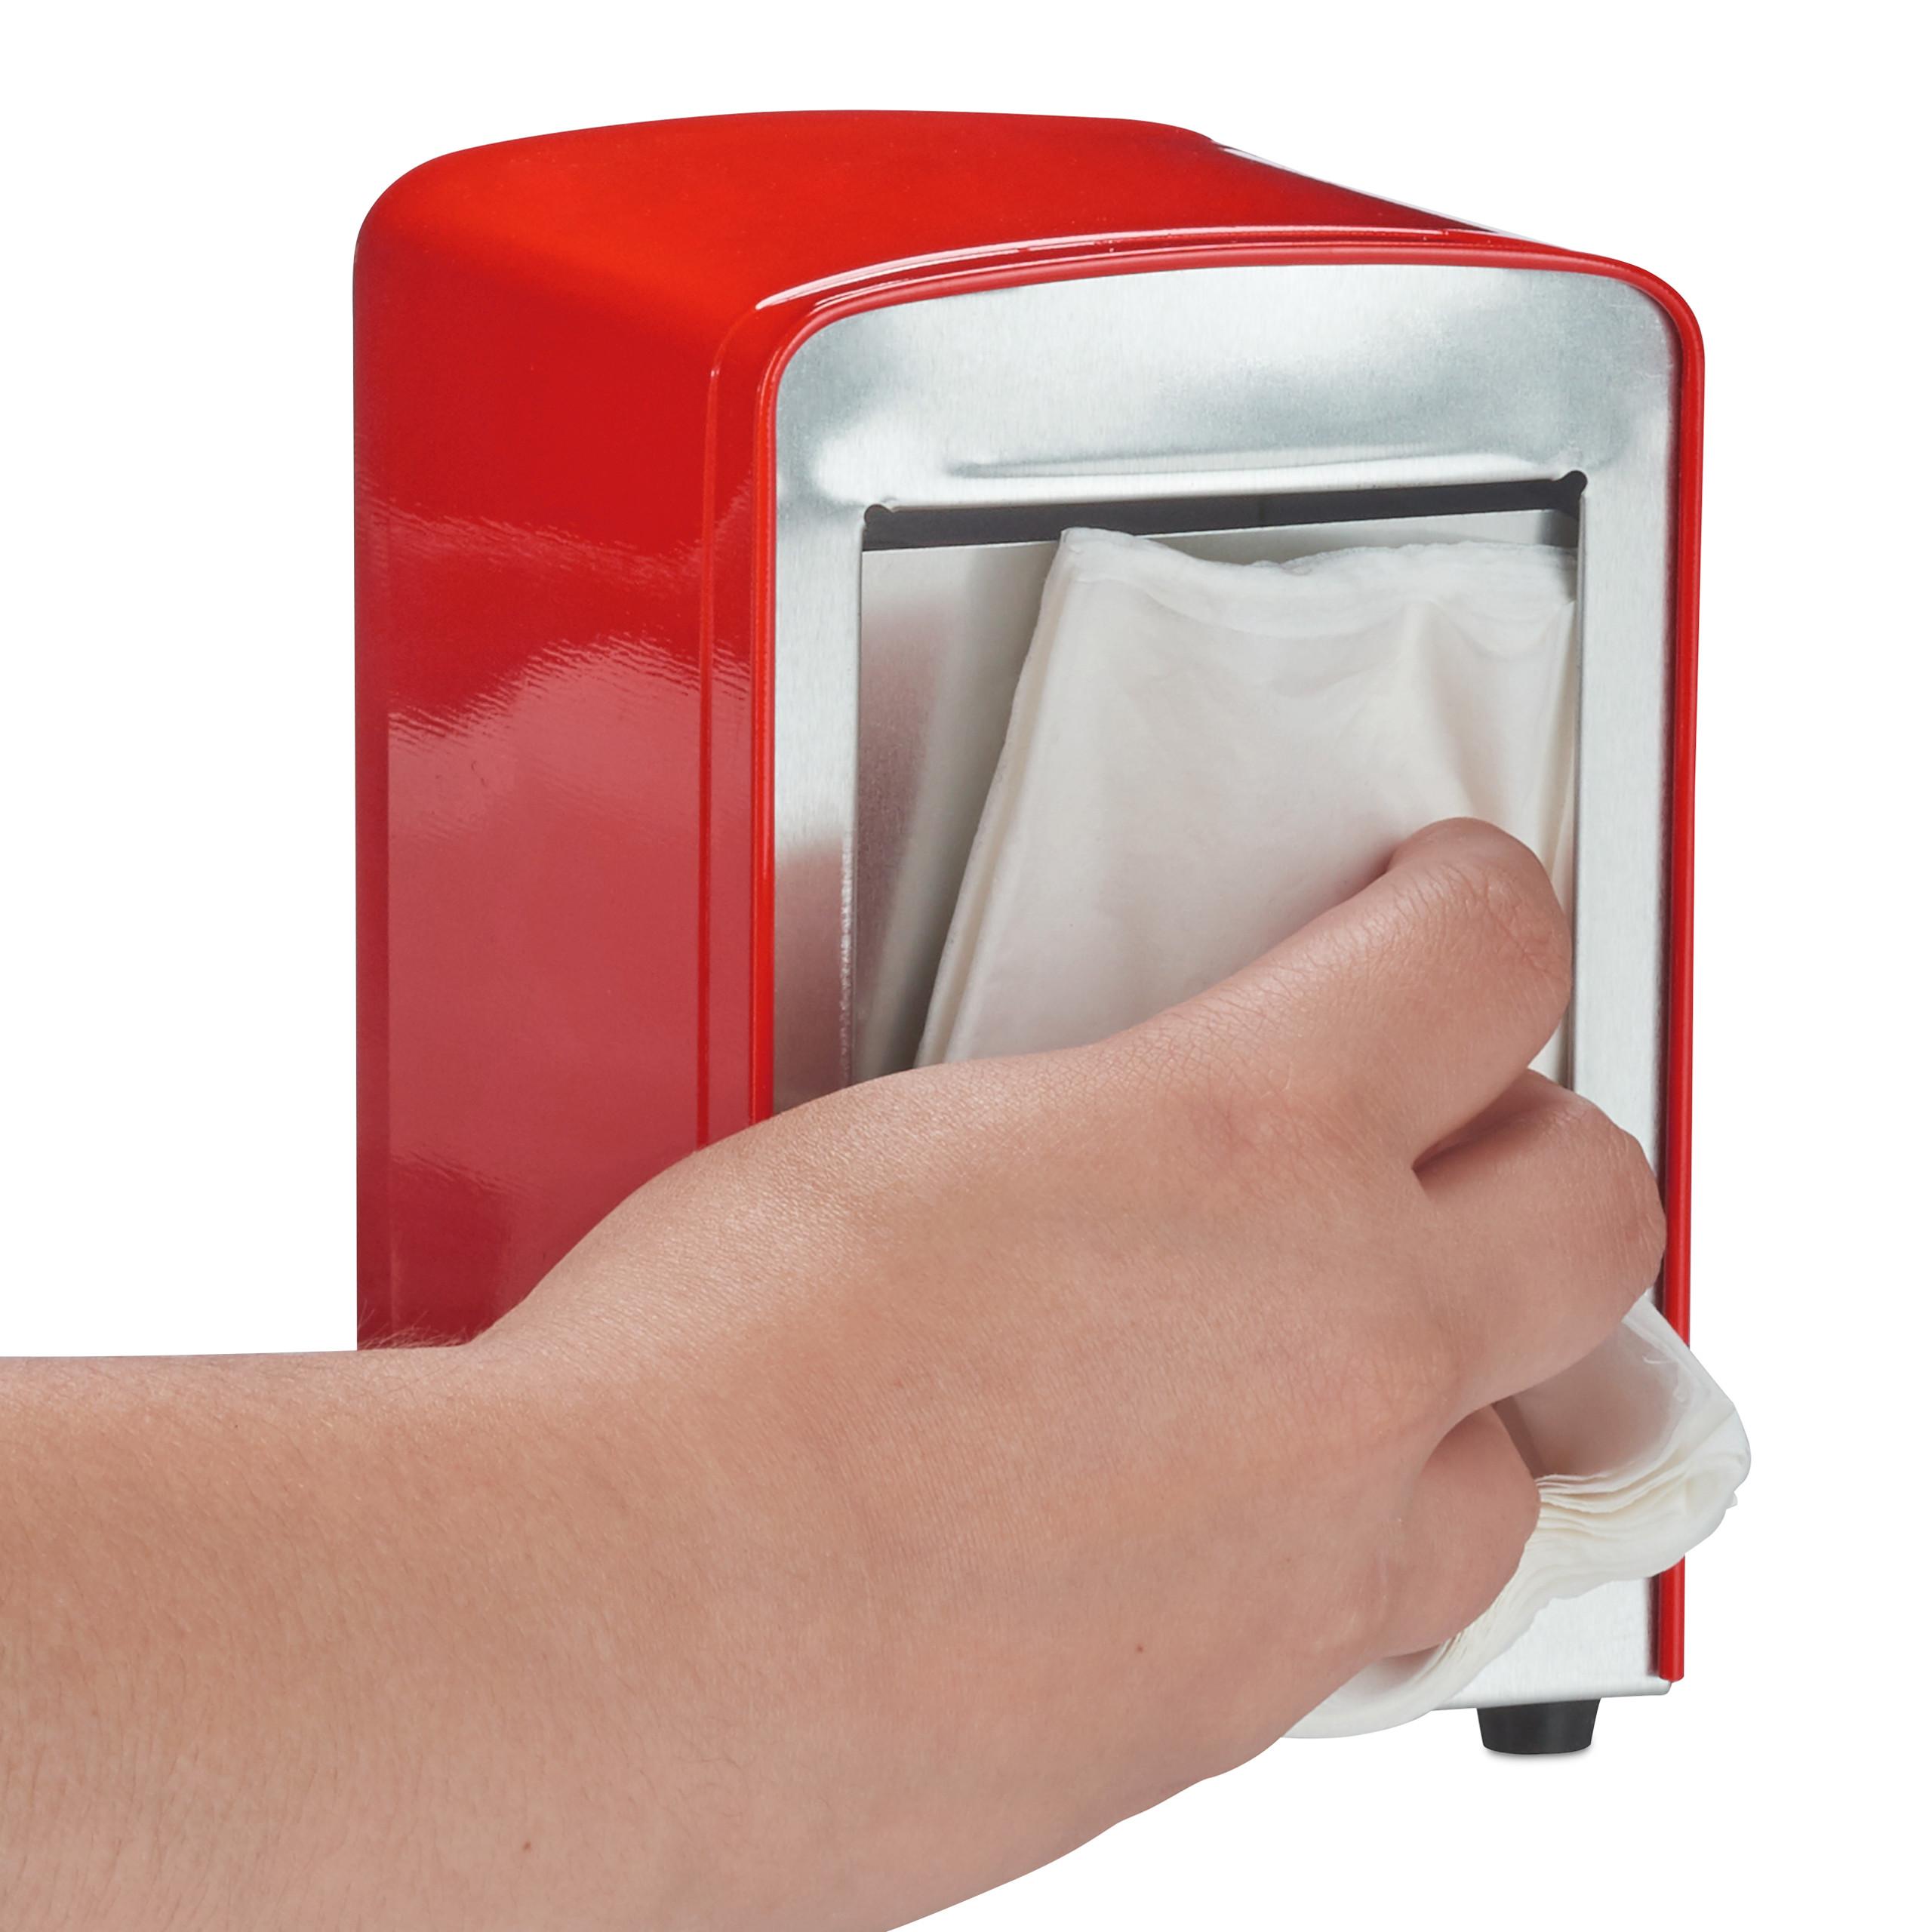 Napkin-Dispenser-Retro-American-Diner-Serviette-Holder-Restaurant thumbnail 8